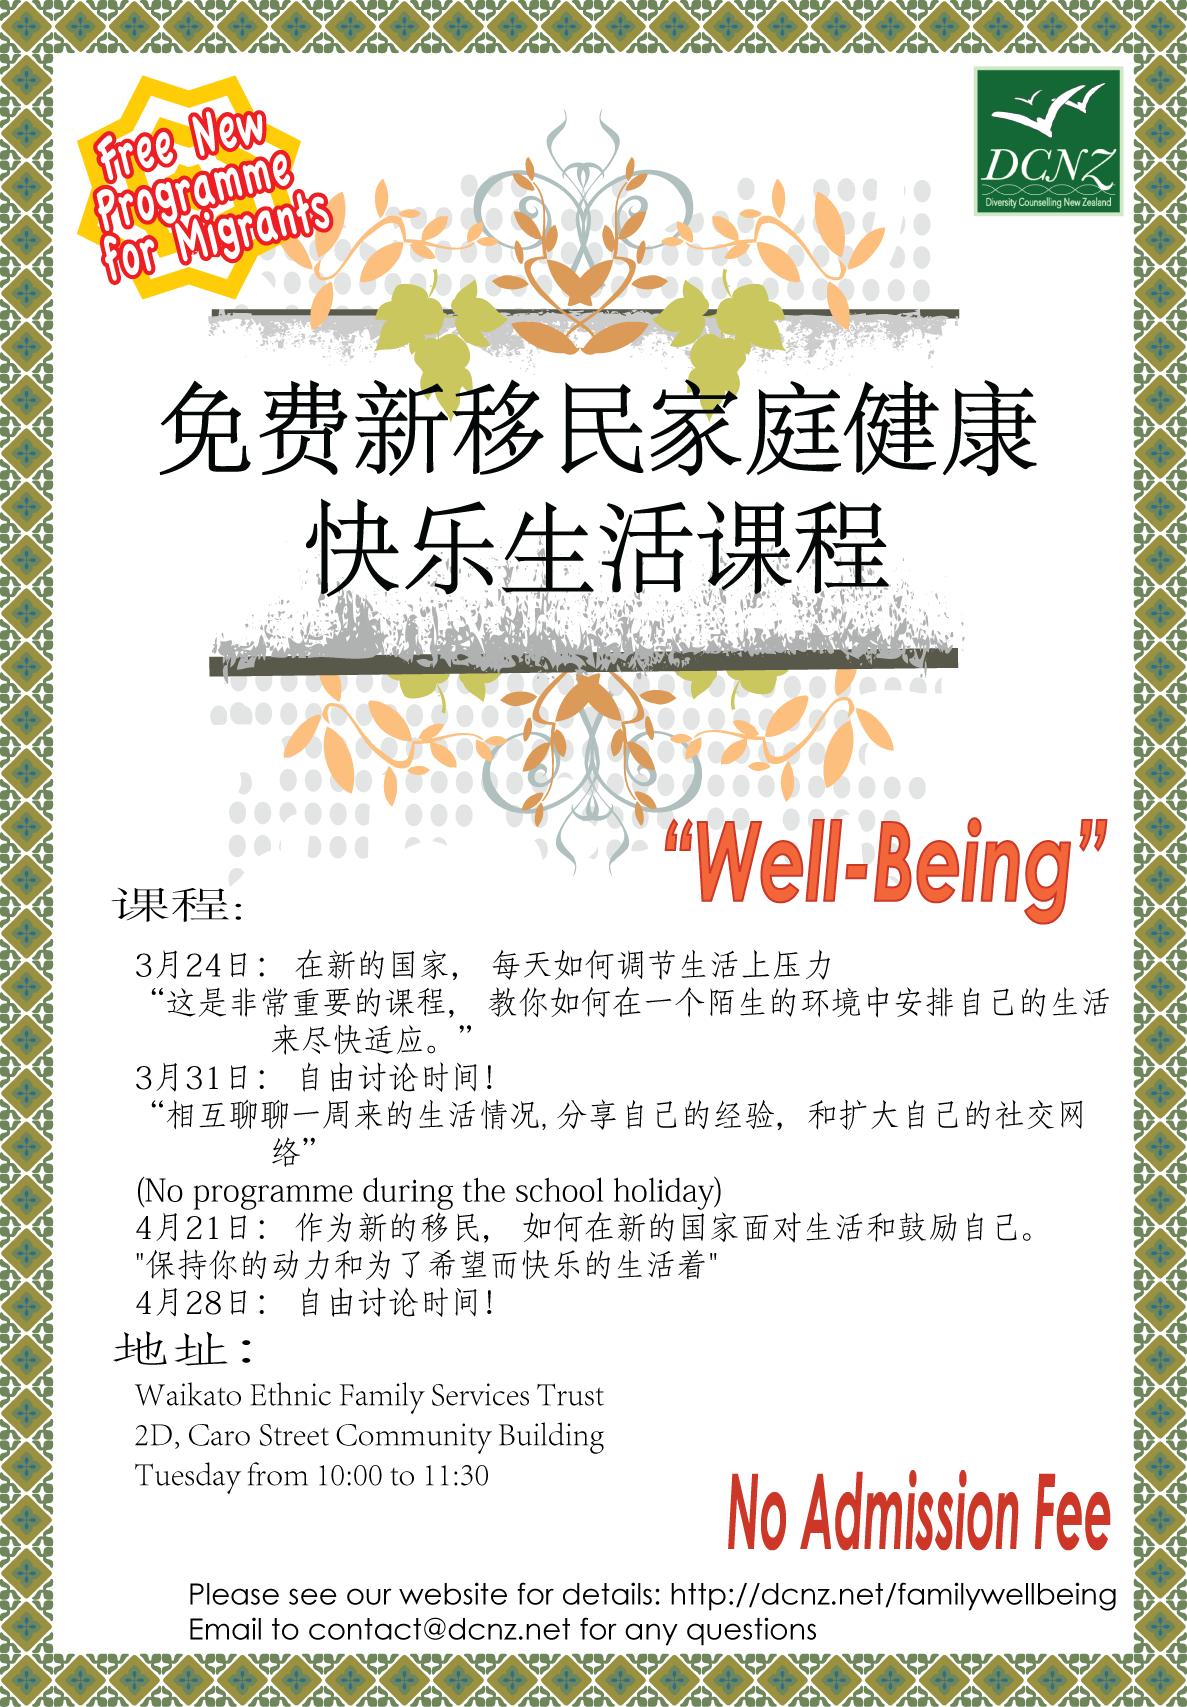 FWB_Leaflet_2015_A4-04_Chinese